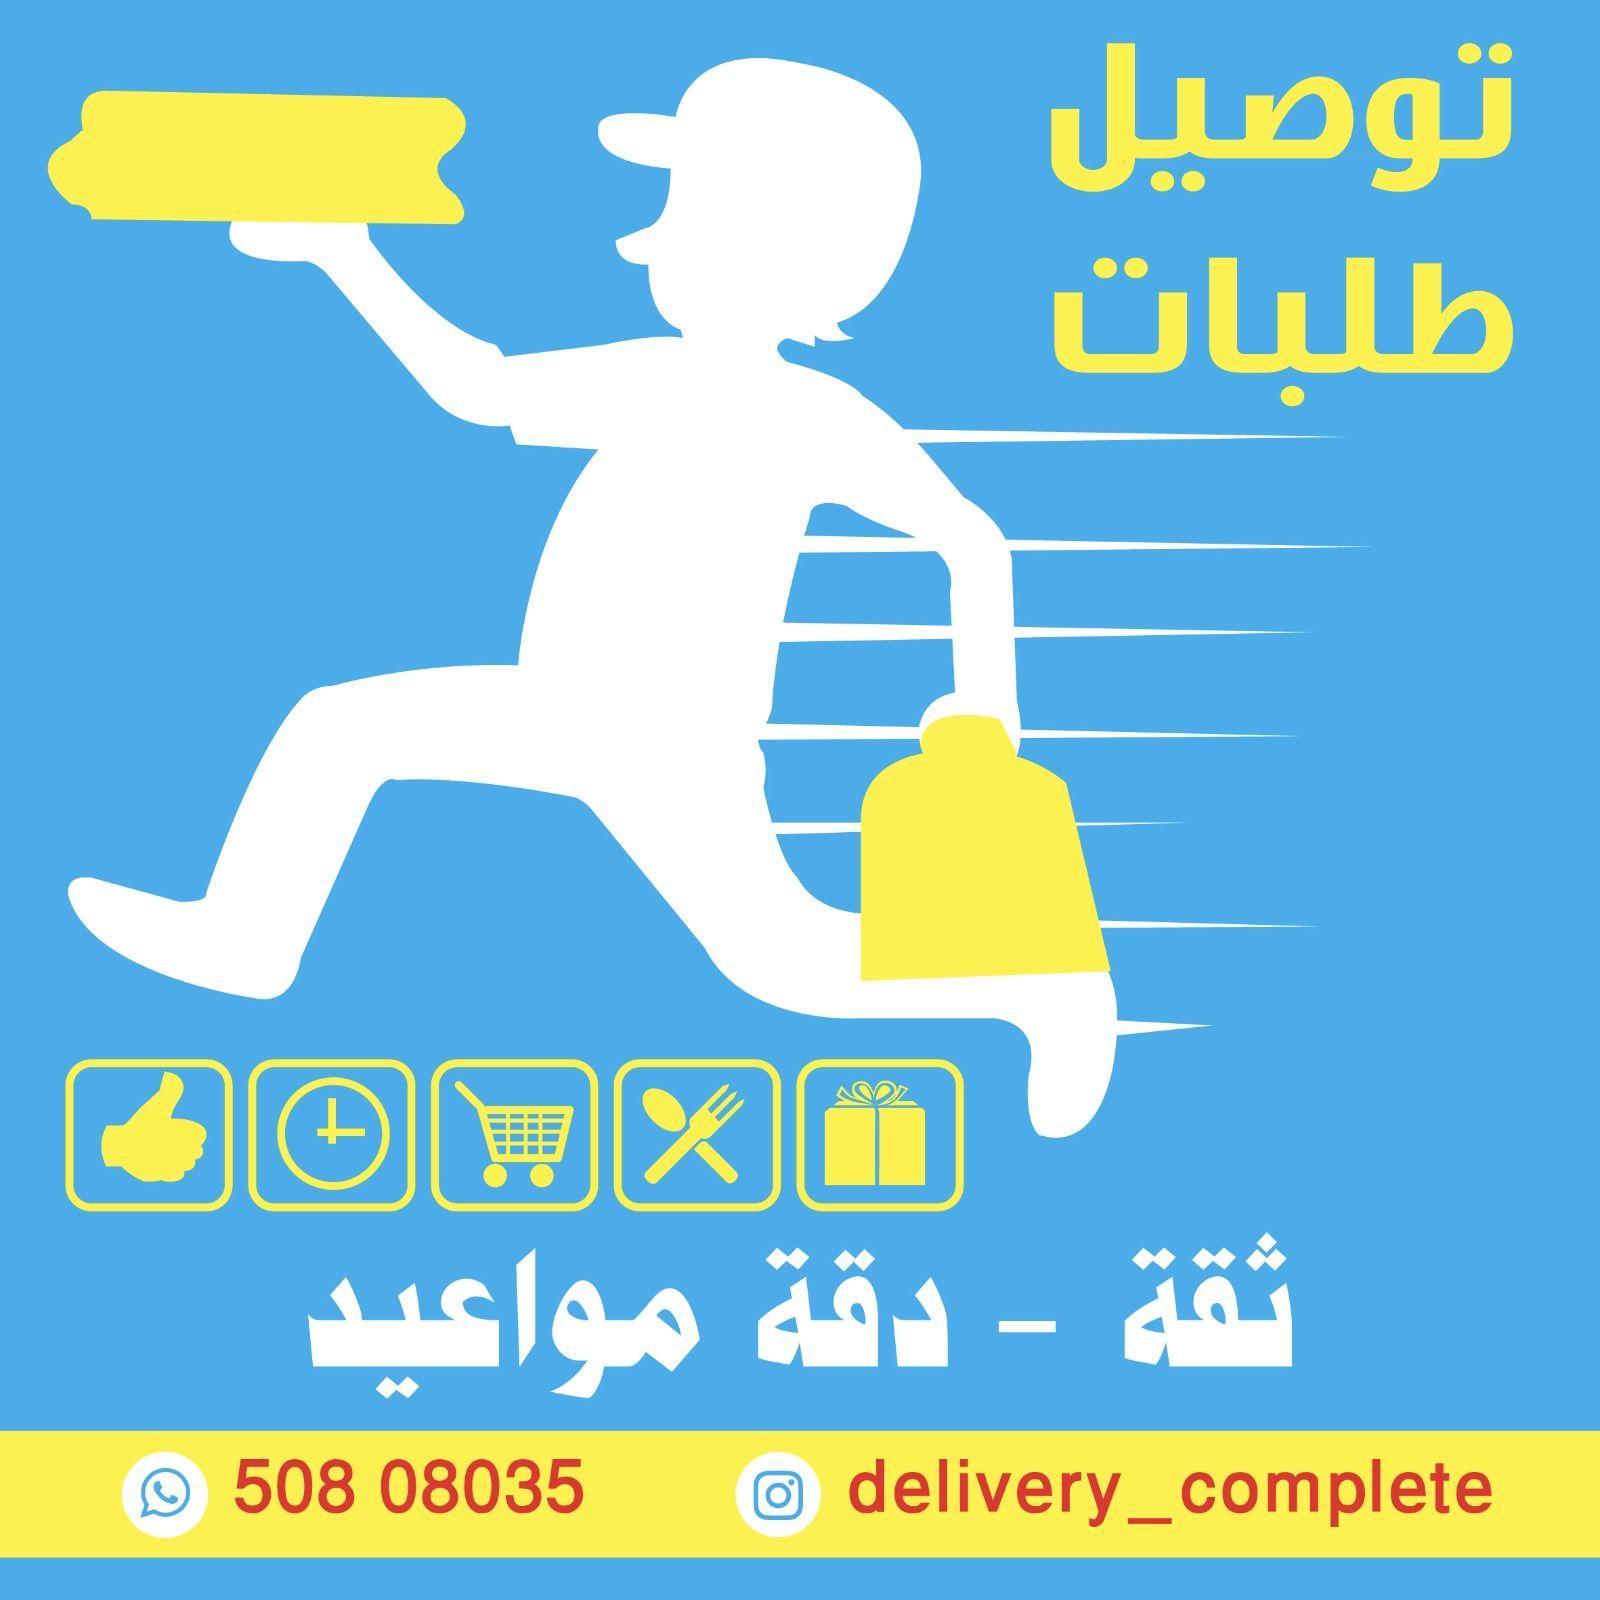 مندوب توصيل طلبات Instagram Giza Delivery